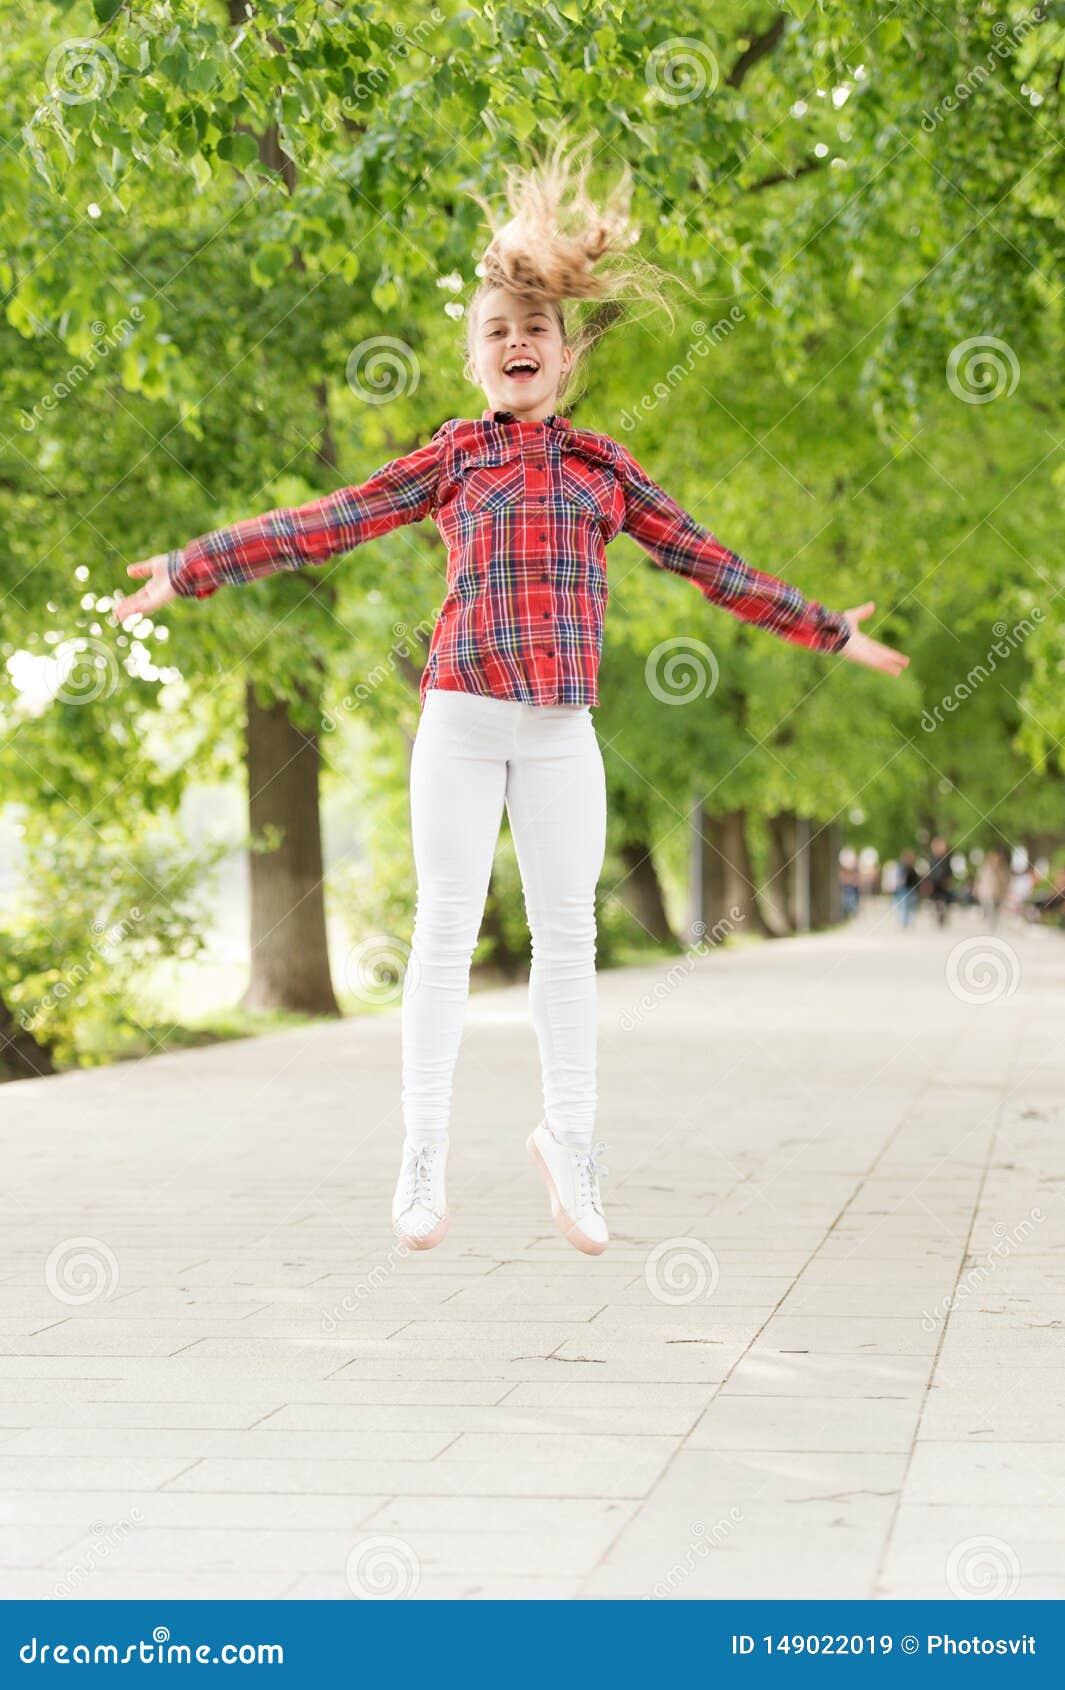 O ar fresco dá-lhe a energia vital De alta energia ou criança agitado Menina pequena que salta no ajuste ocasional para energétic